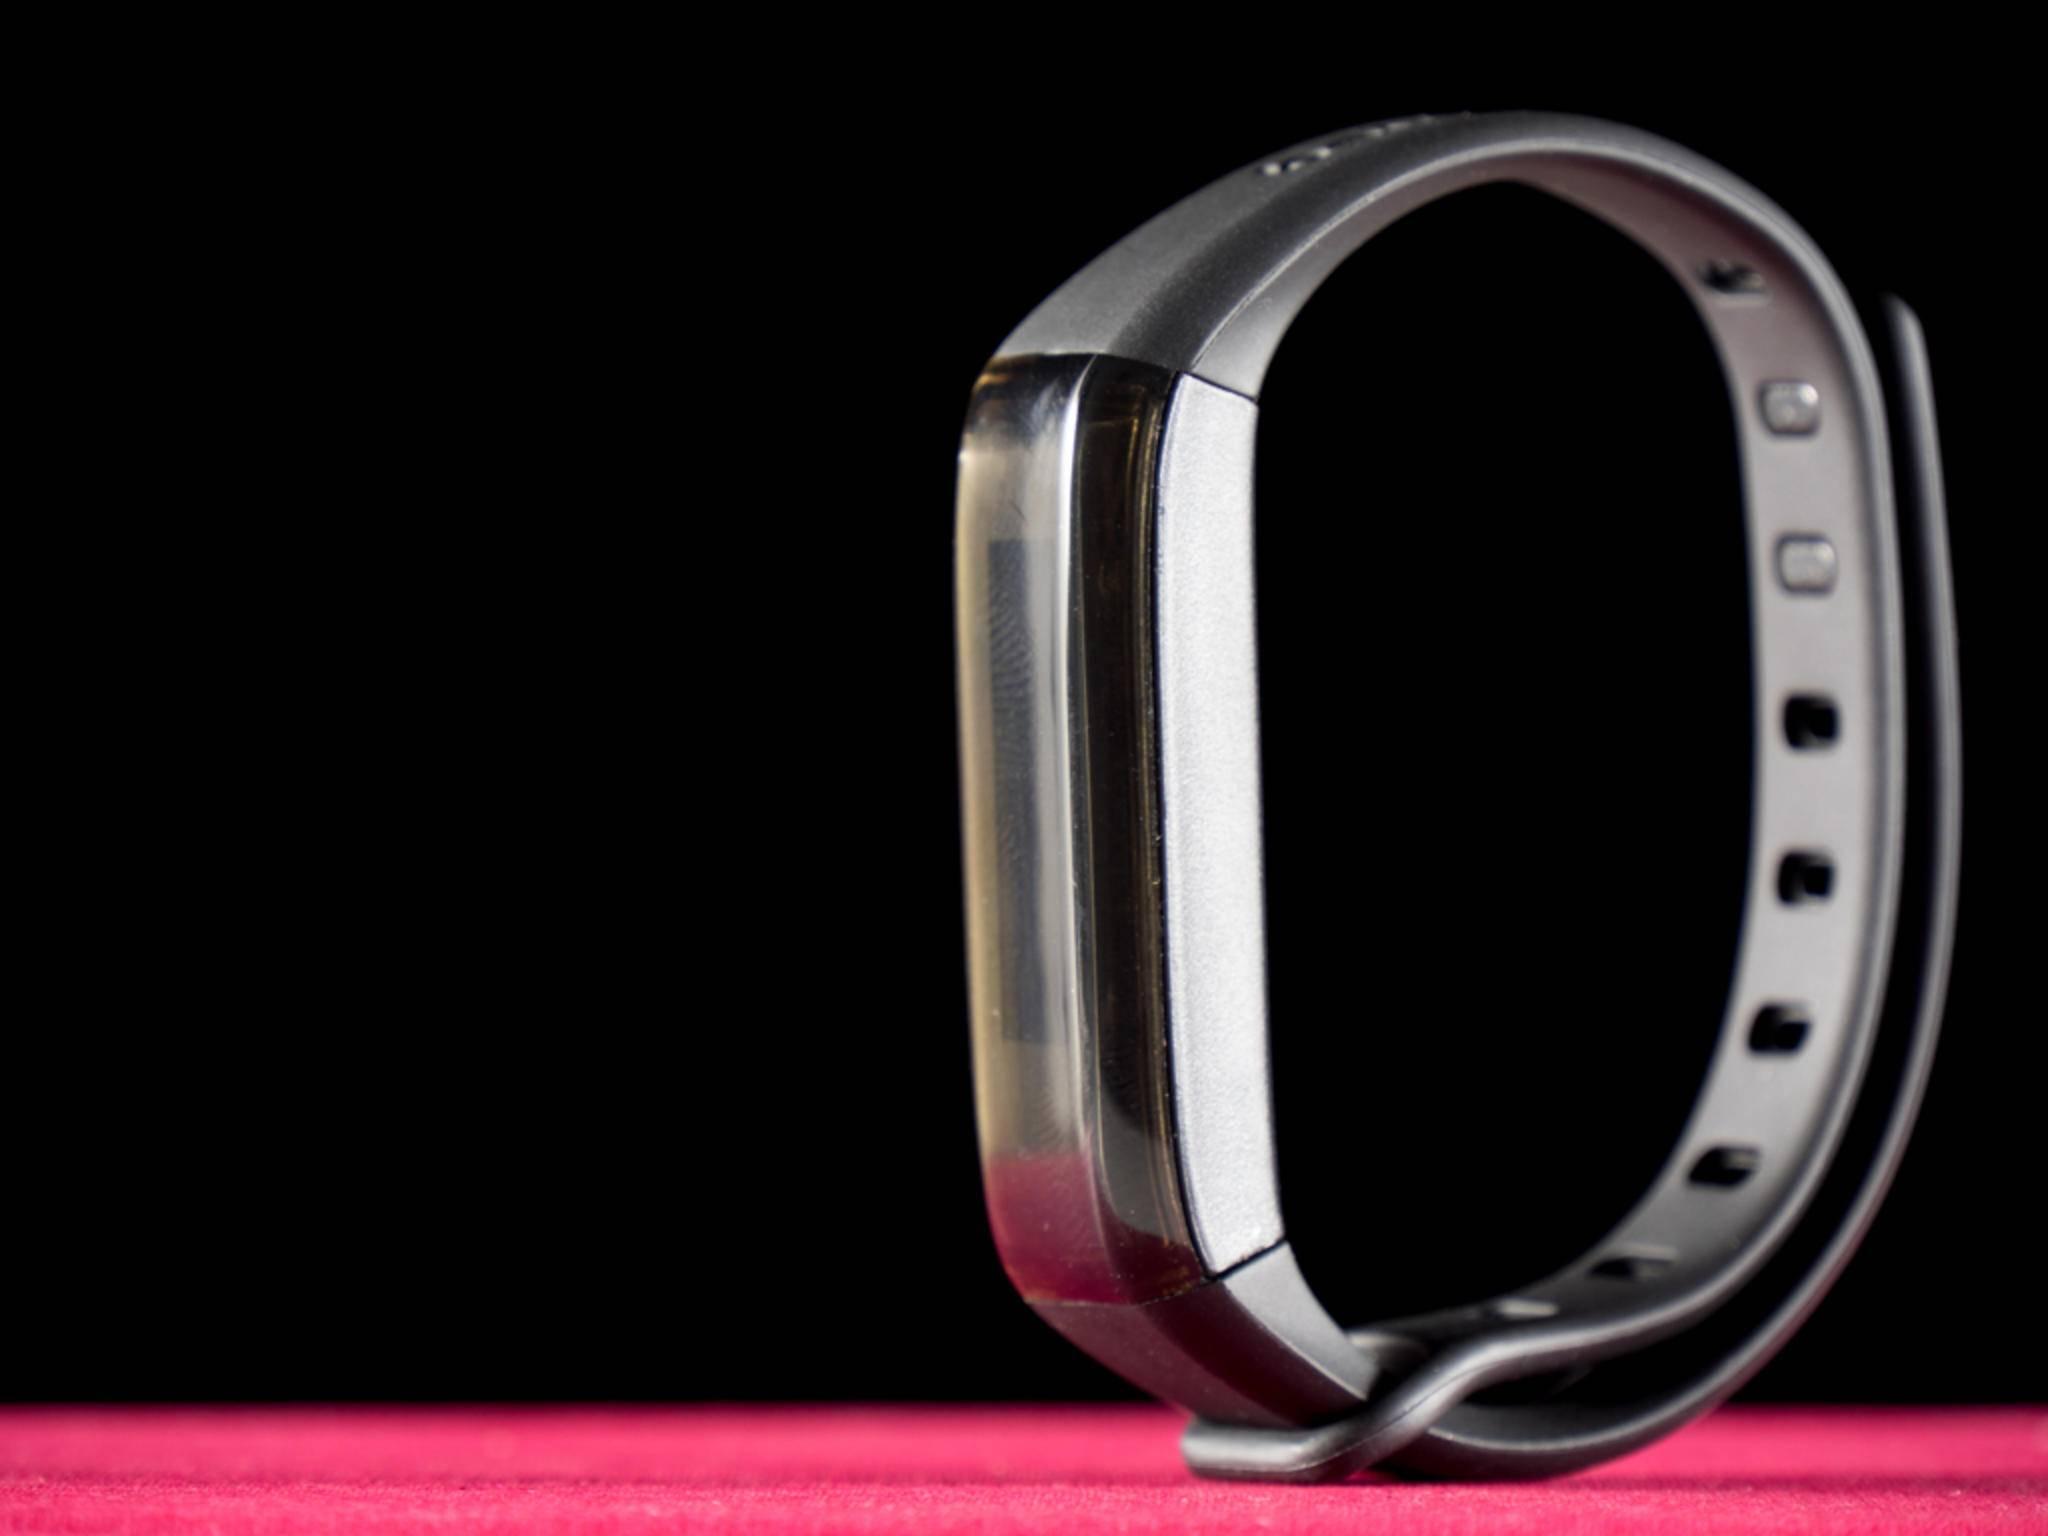 Die Form verrät den AS 80 sofort als Fitness-Tracker.